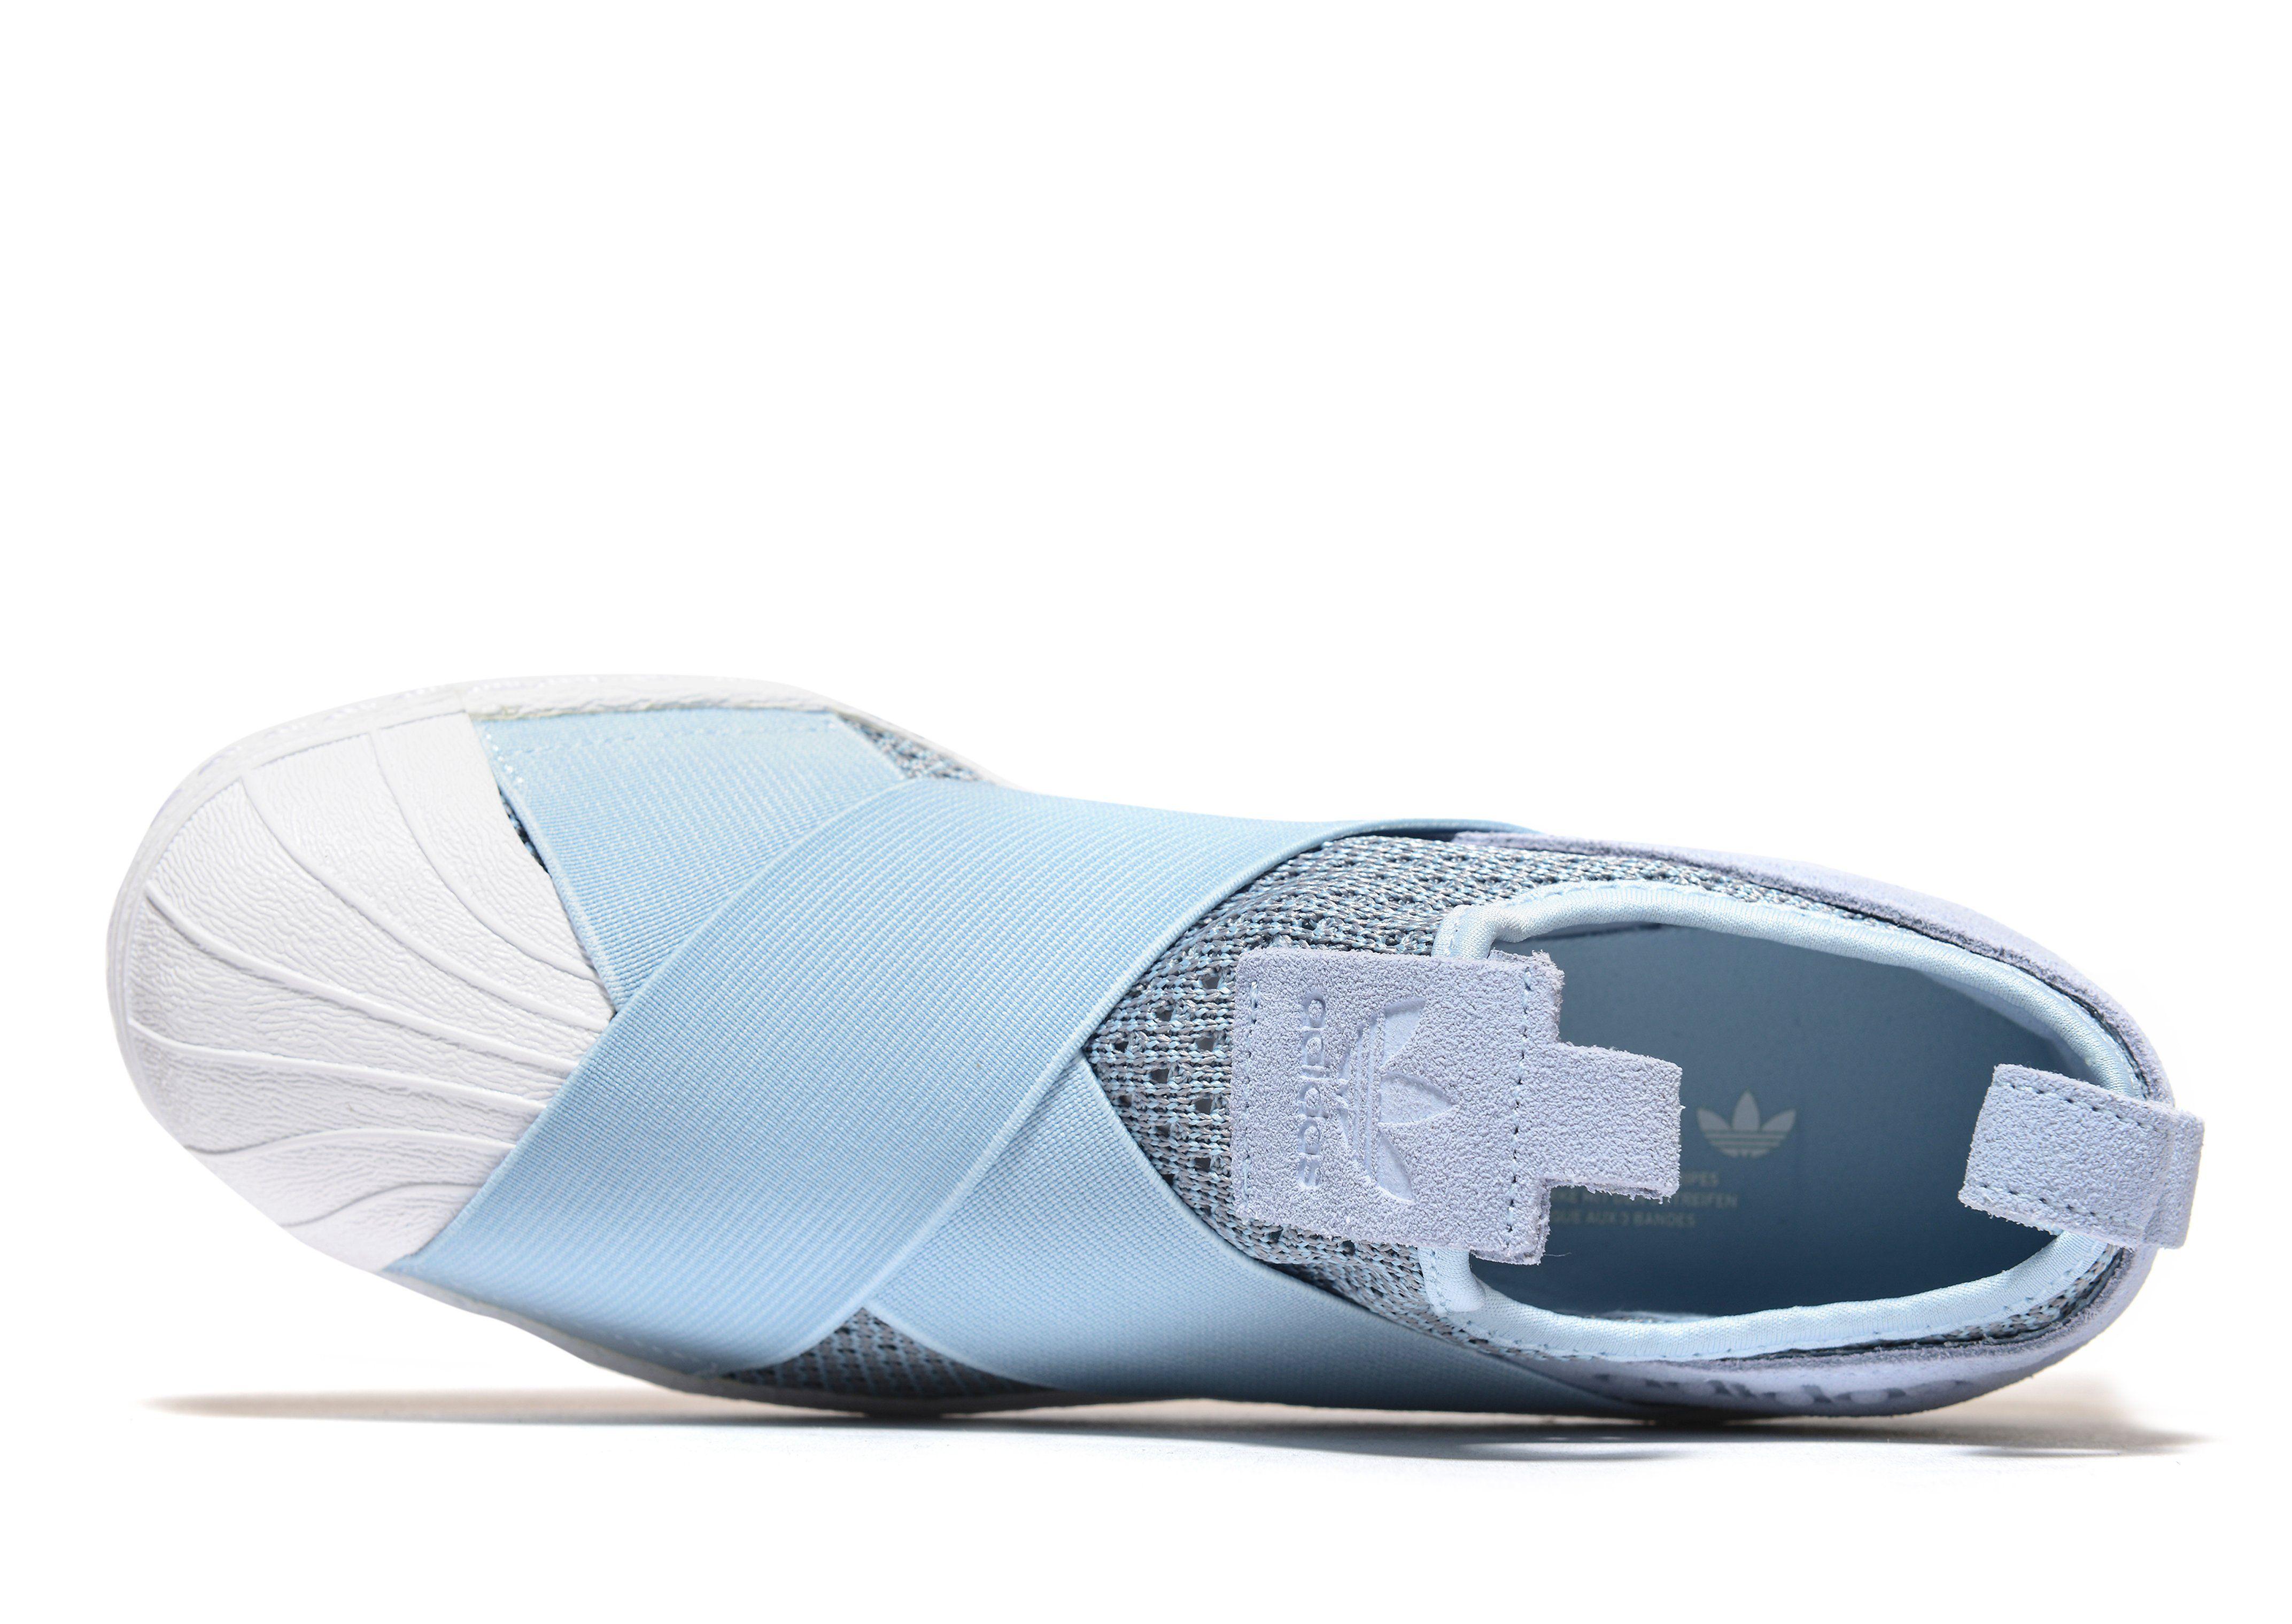 scarpe della settimana: beauty & youth x adidas superstar degli anni '80.